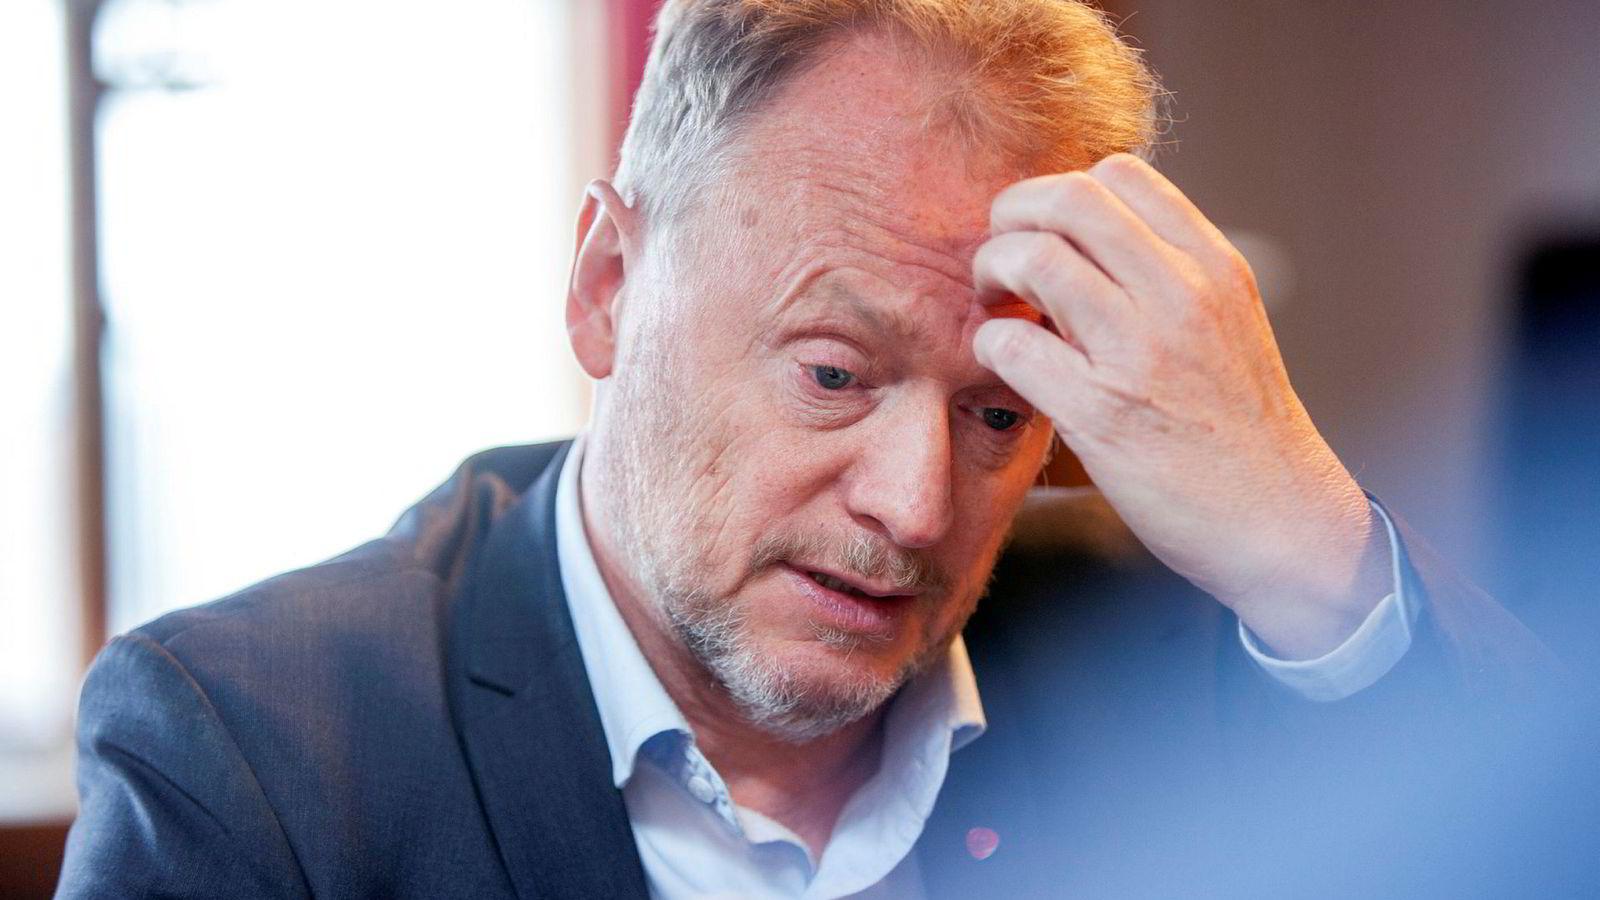 Eiendomsskatten ligger fast, sa byrådsleder i Oslo Raymond Johansen før valget.